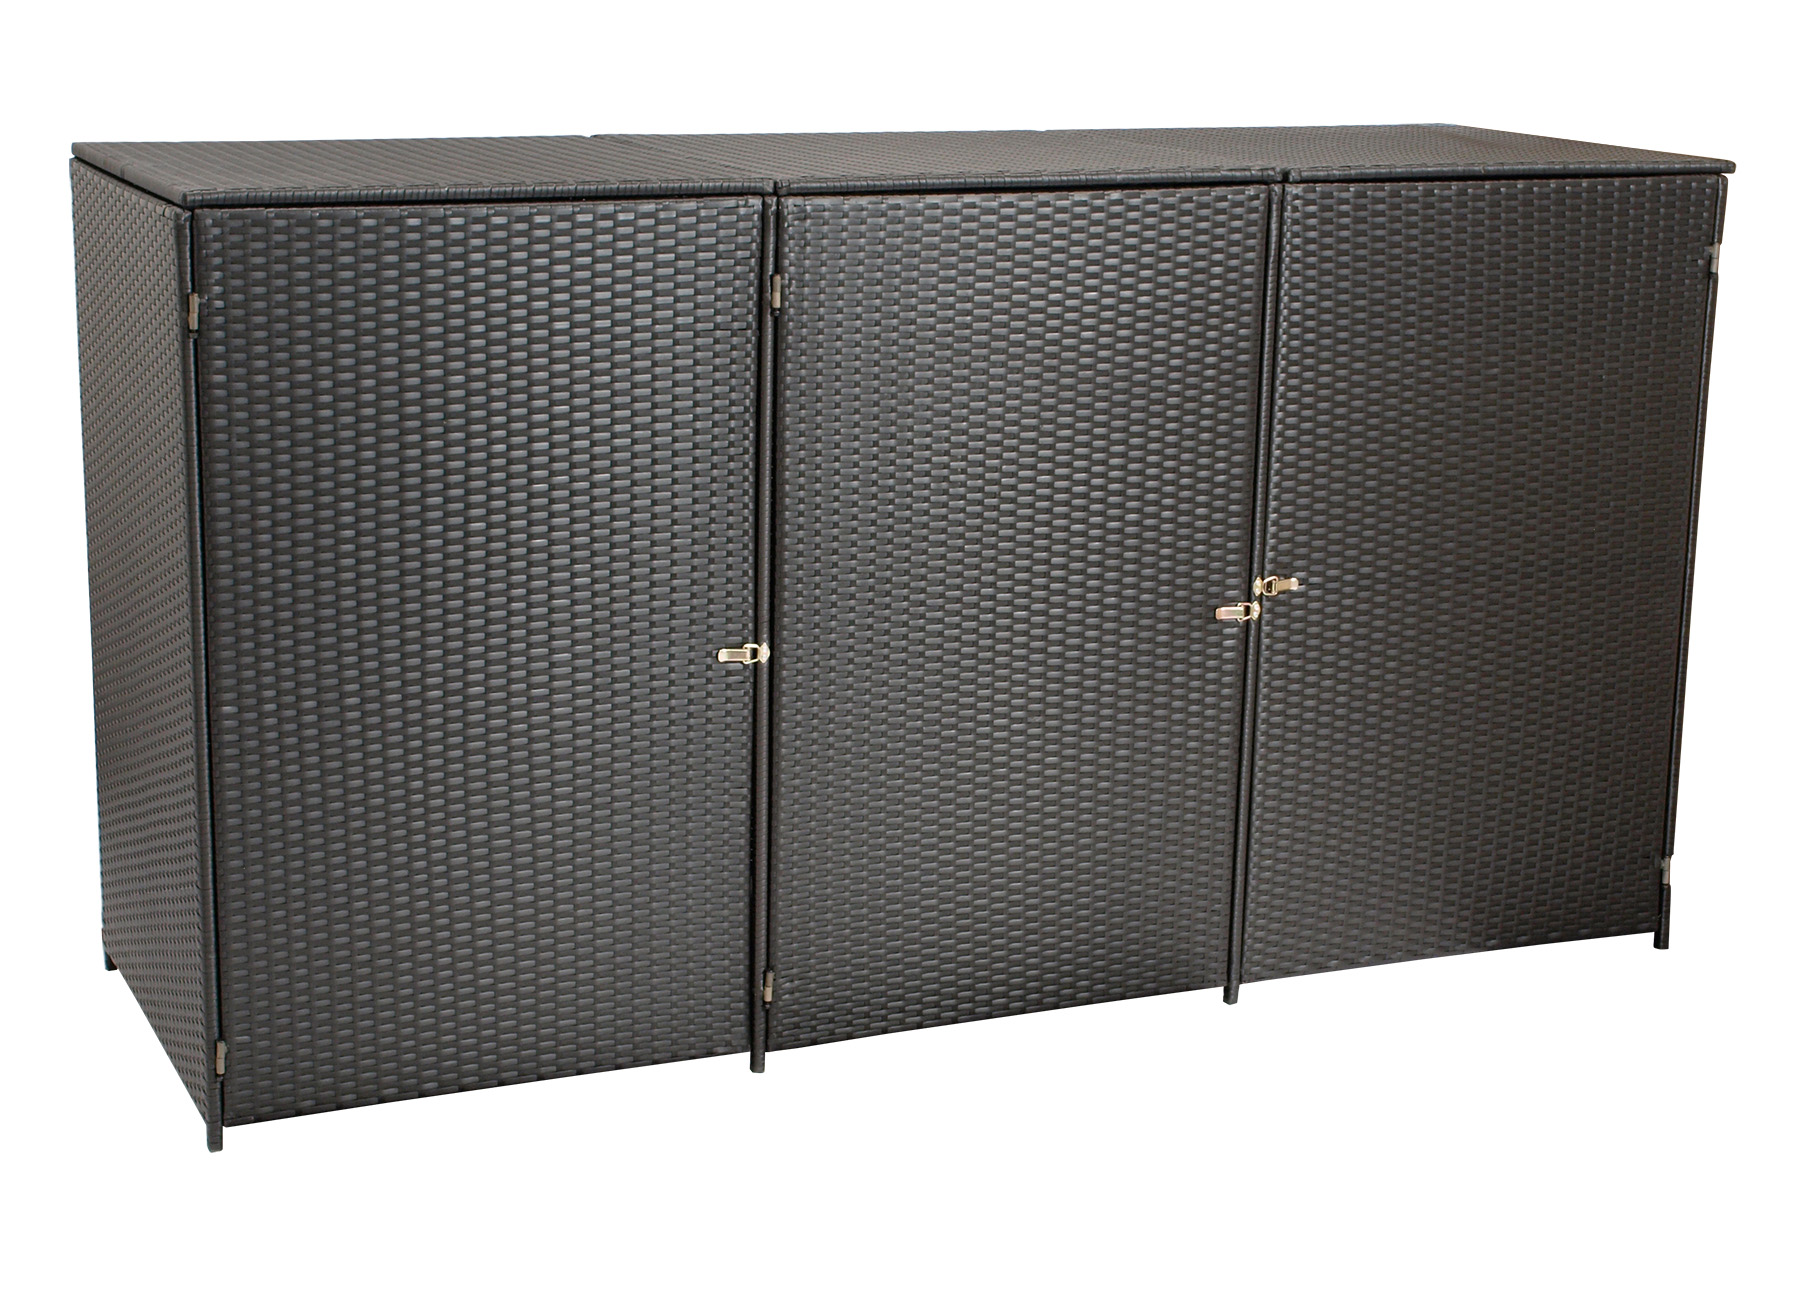 Mülltonnenbox 78x227x123cm für 3 Tonnen bis 240 Liter, Stahl + Polyrattan mocca